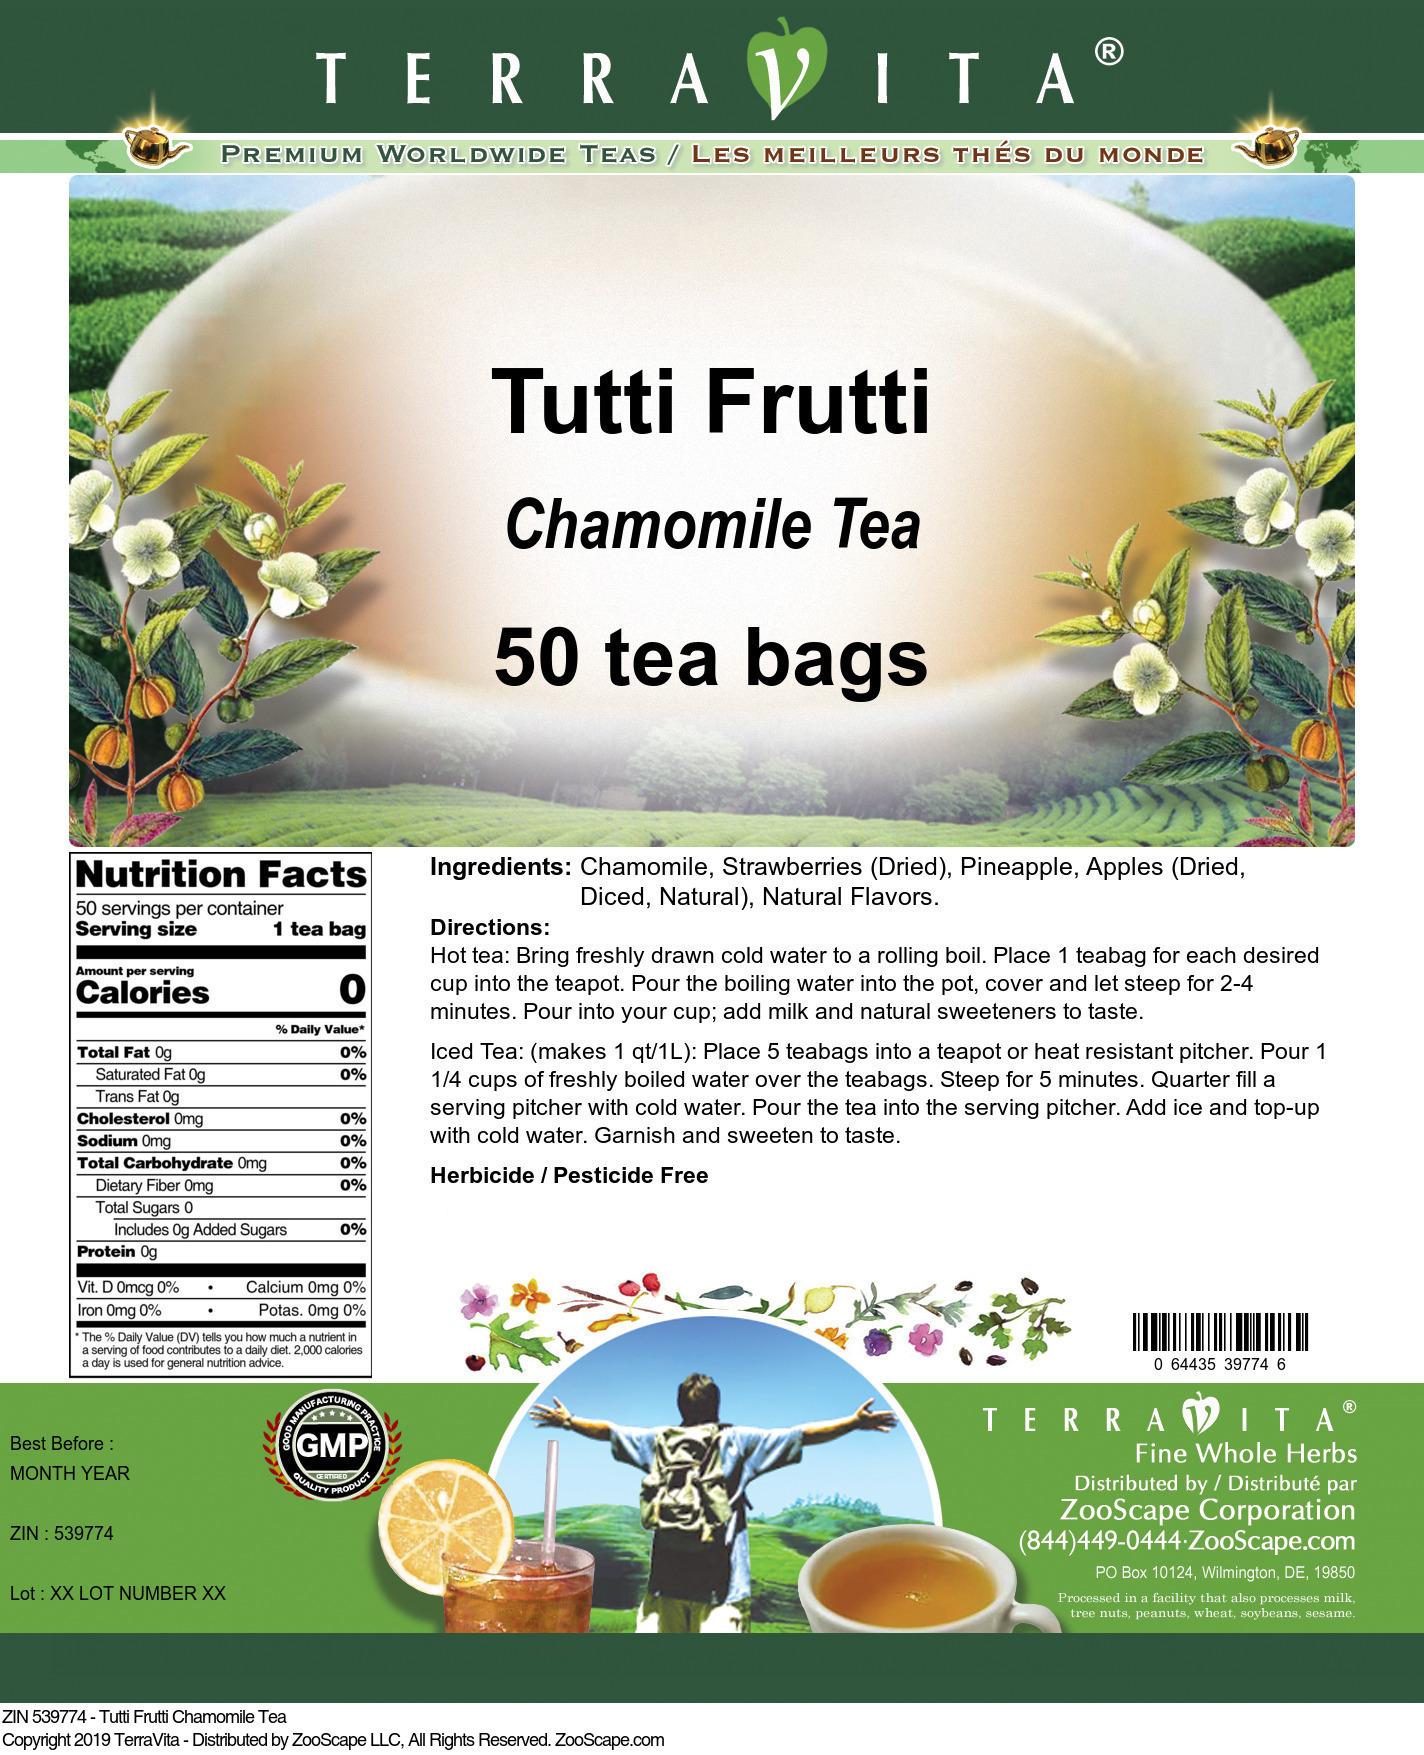 Tutti Frutti Chamomile Tea